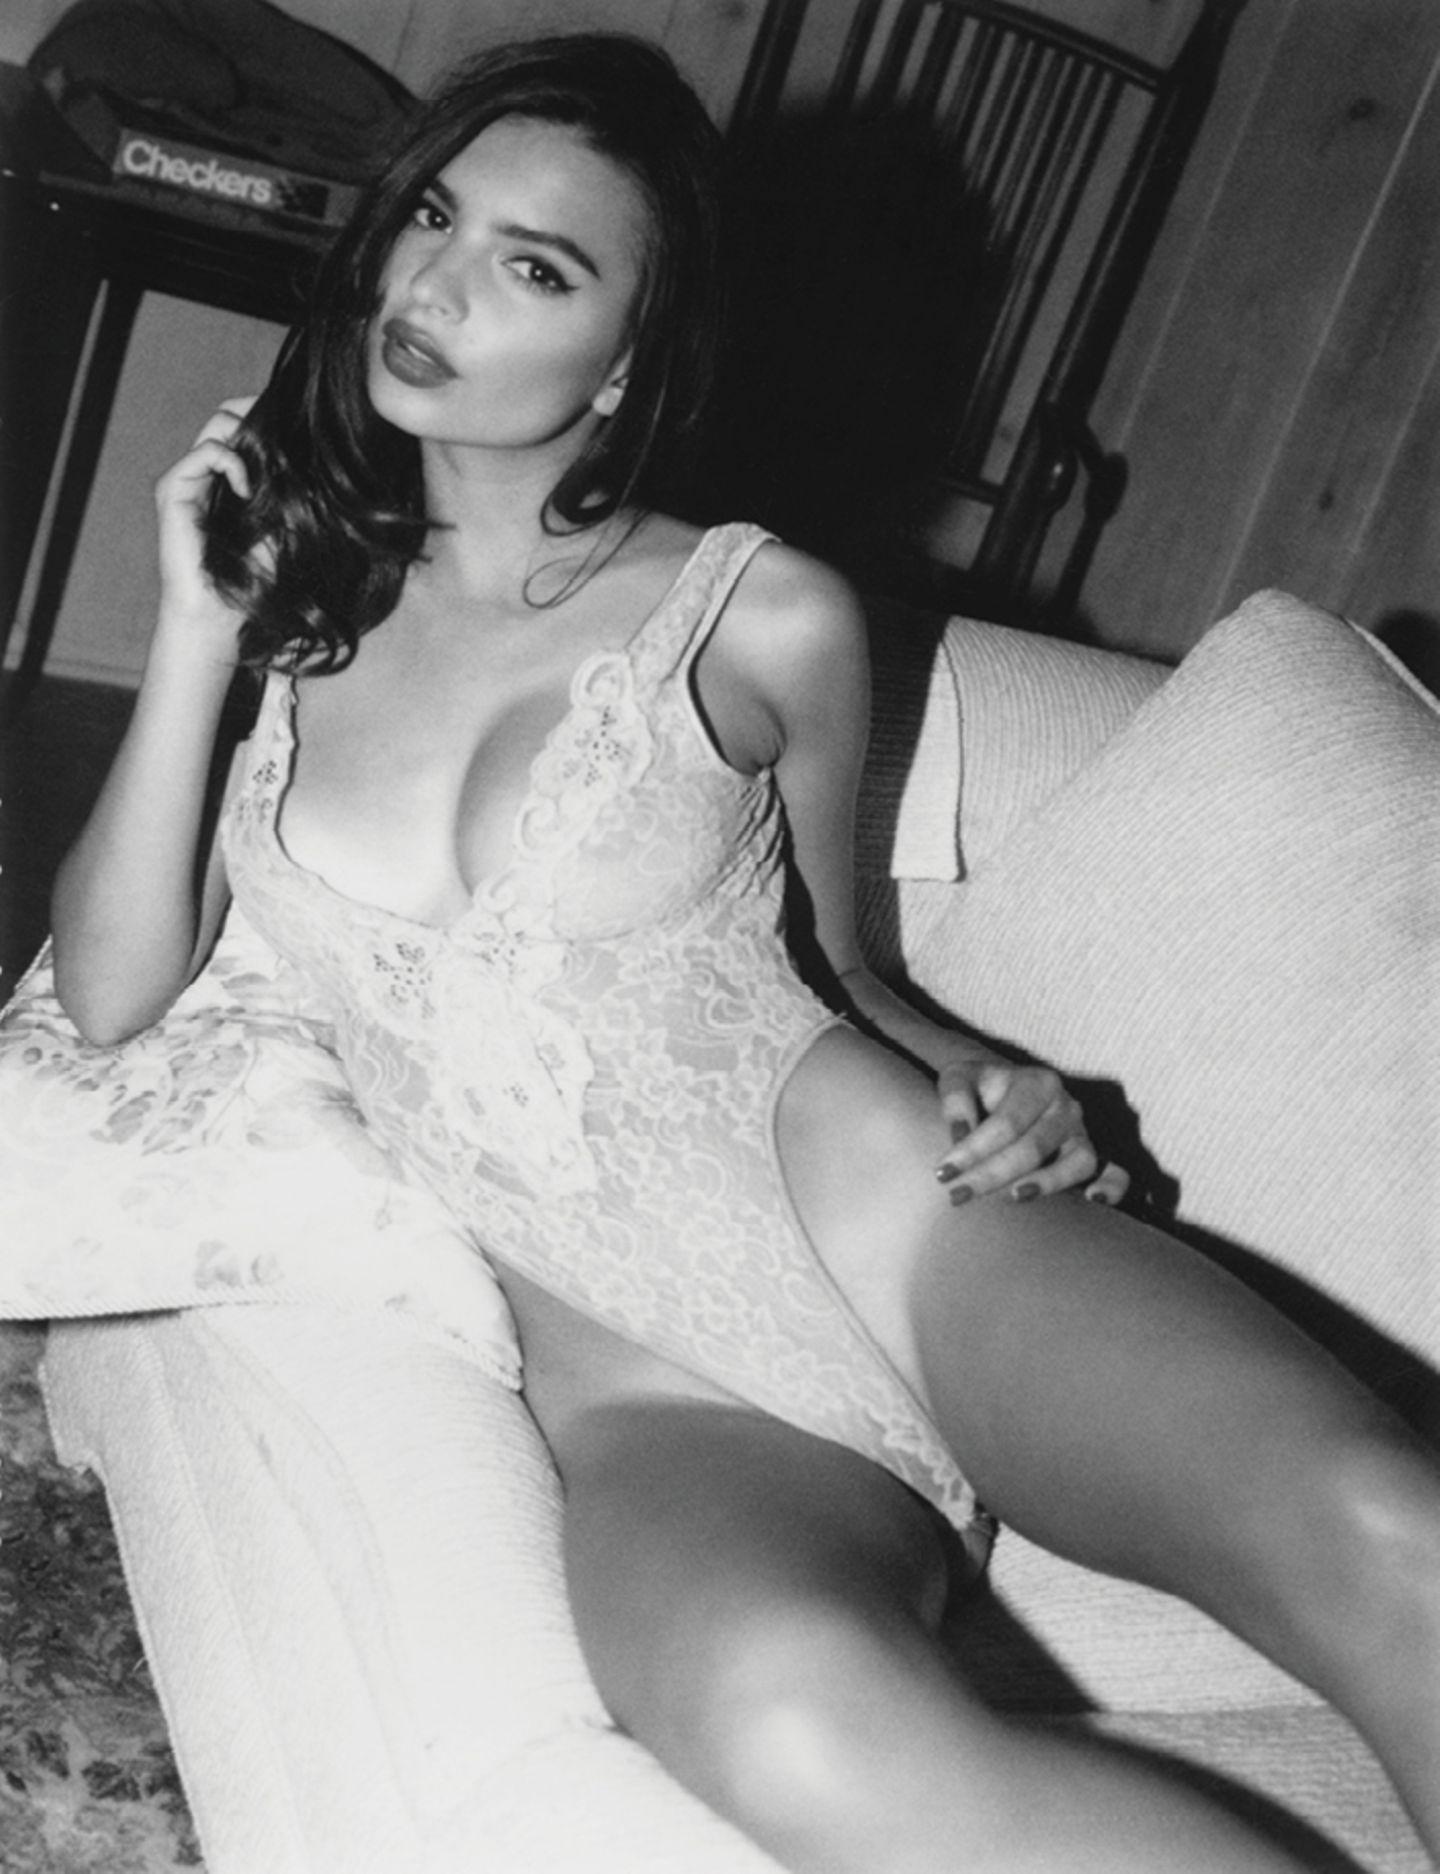 Emily Ratajkowski: Diese erotischen Polaroids wurden noch nie gezeigt